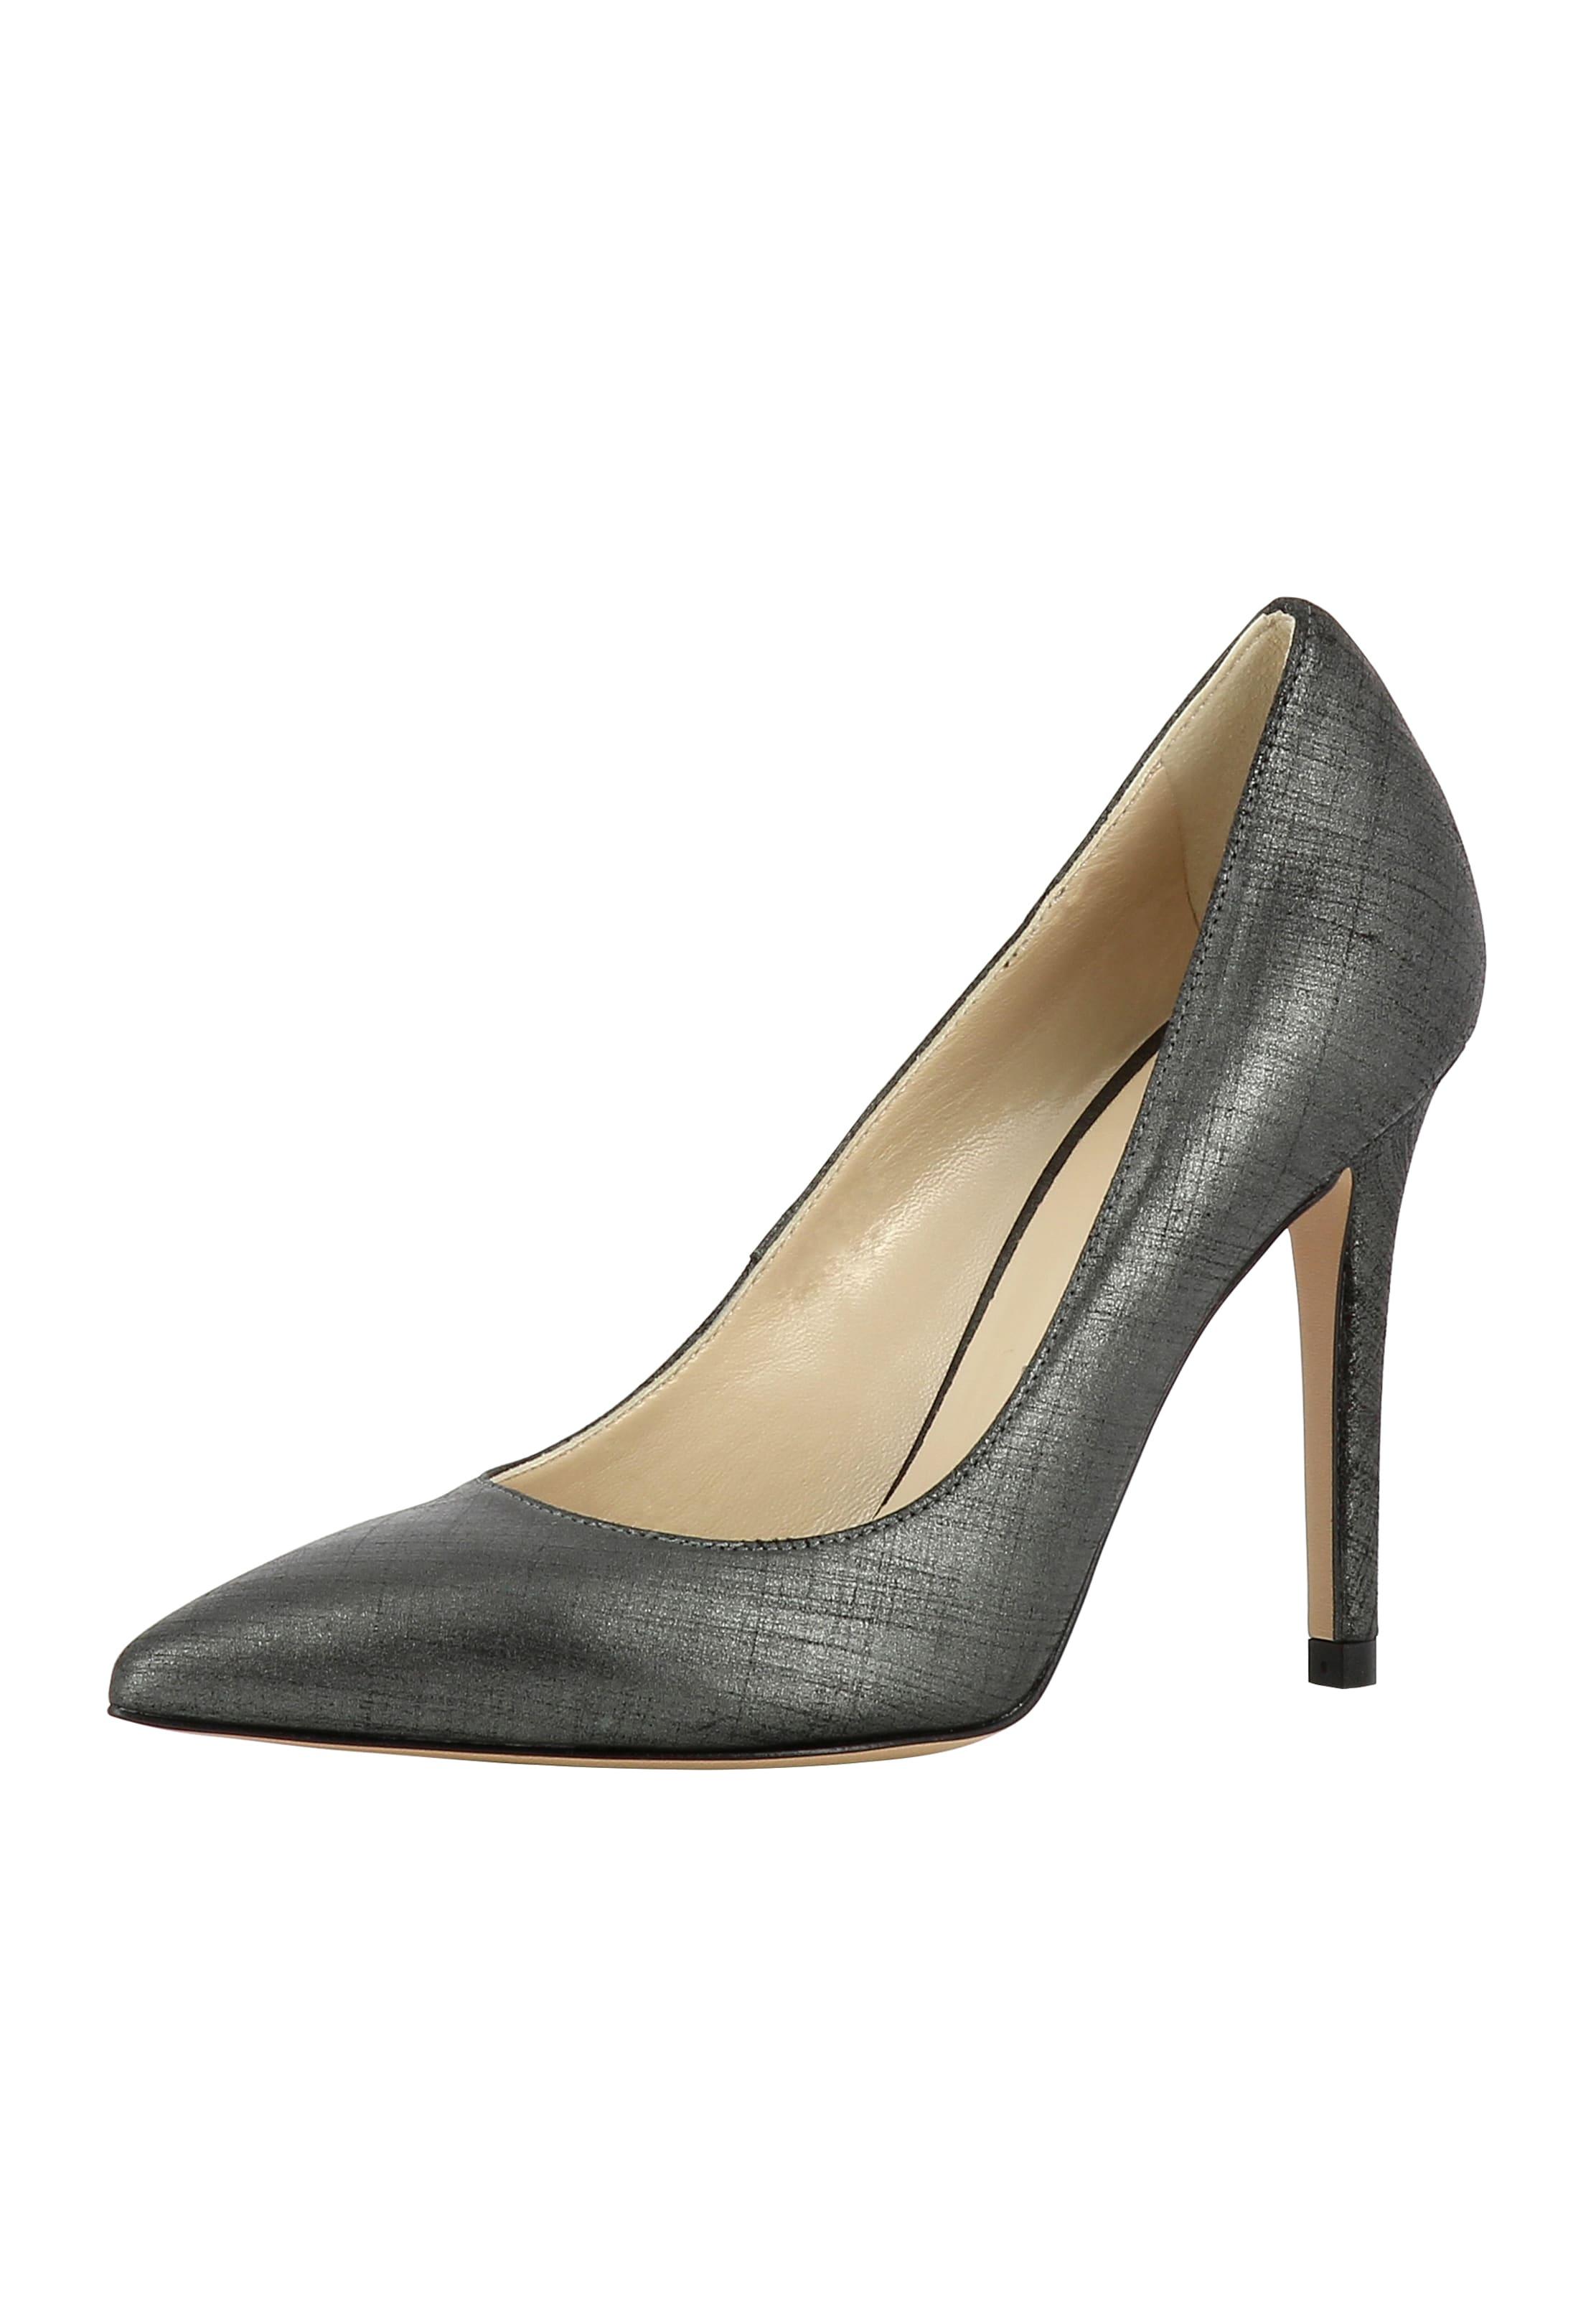 EVITA Damen Pumps ALINA Günstige und langlebige Schuhe